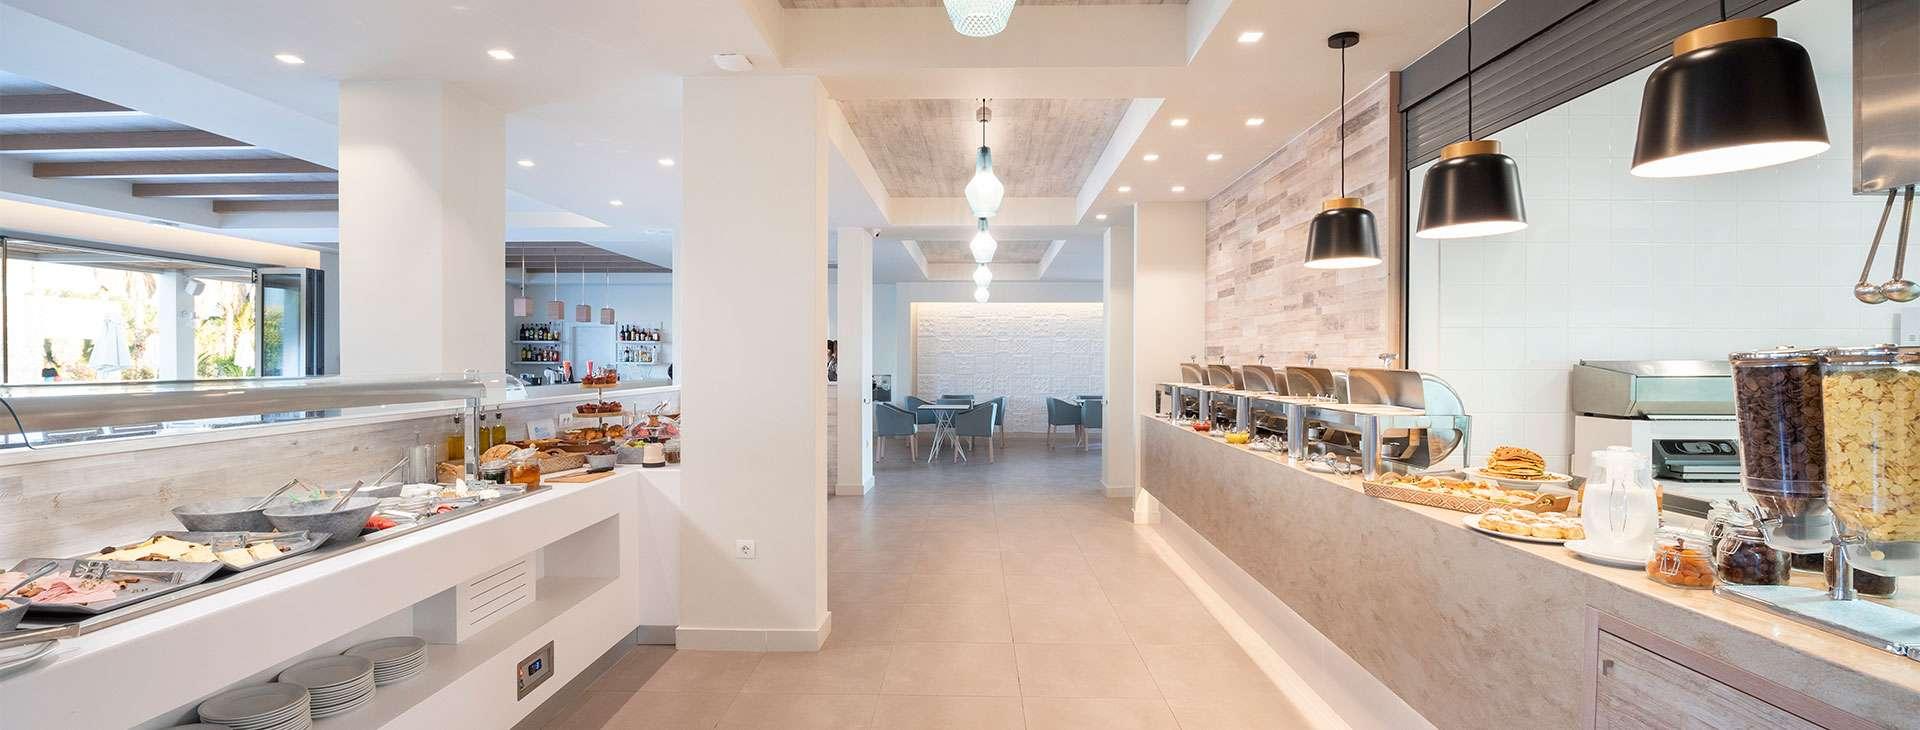 Boheme - hotel